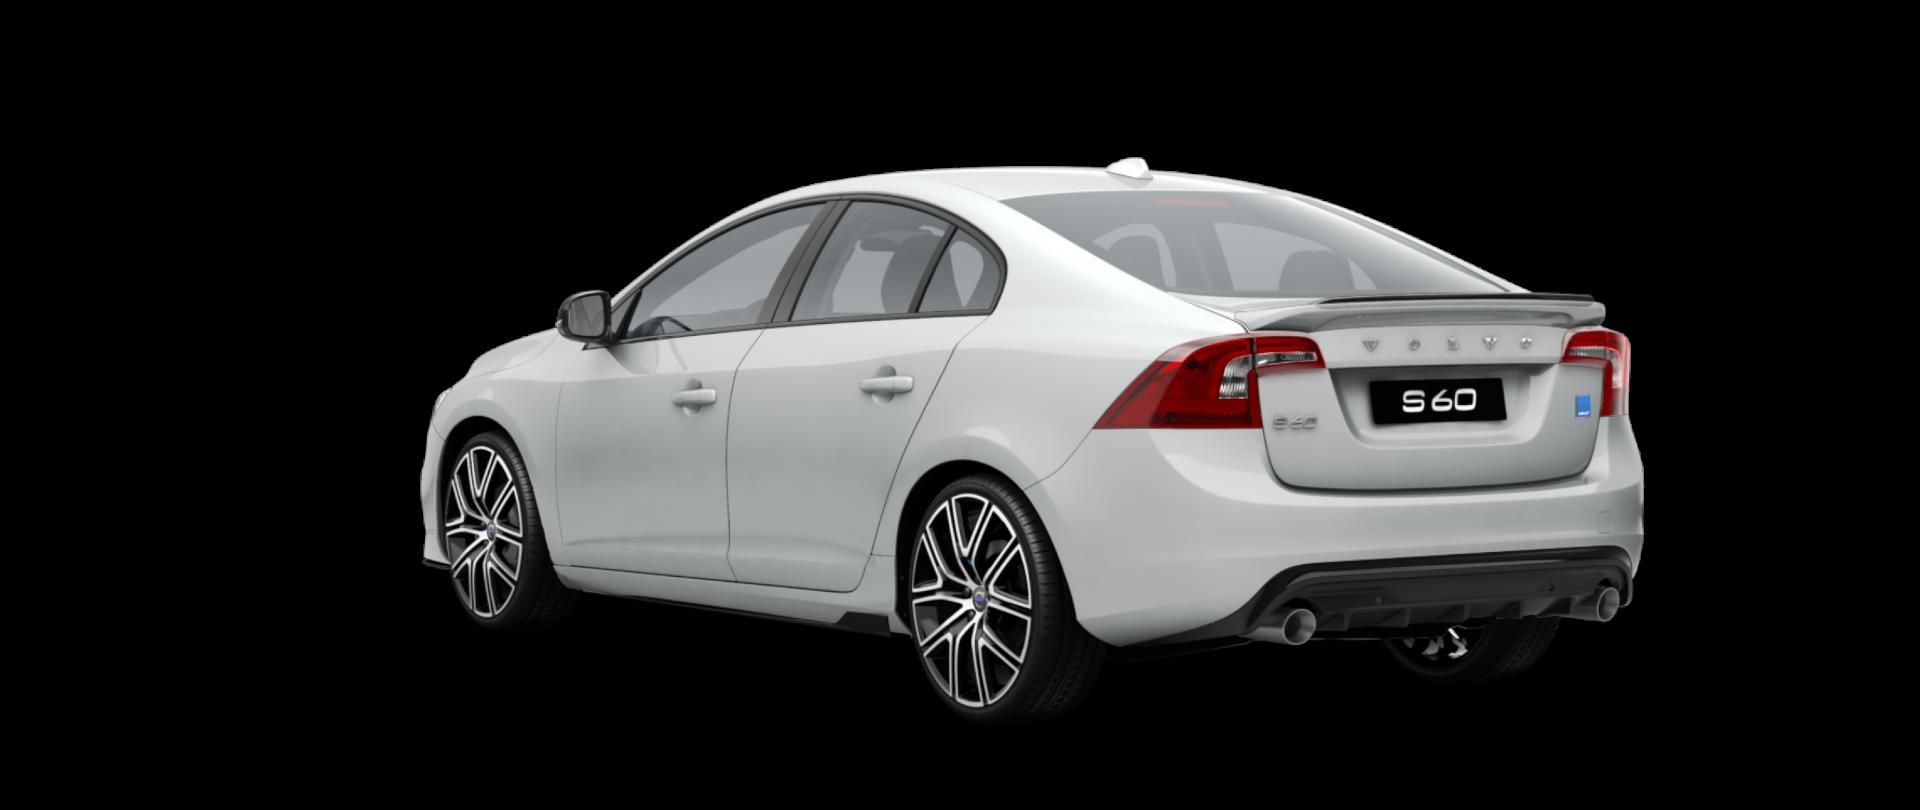 Engineered Cars | Polestar Engineered